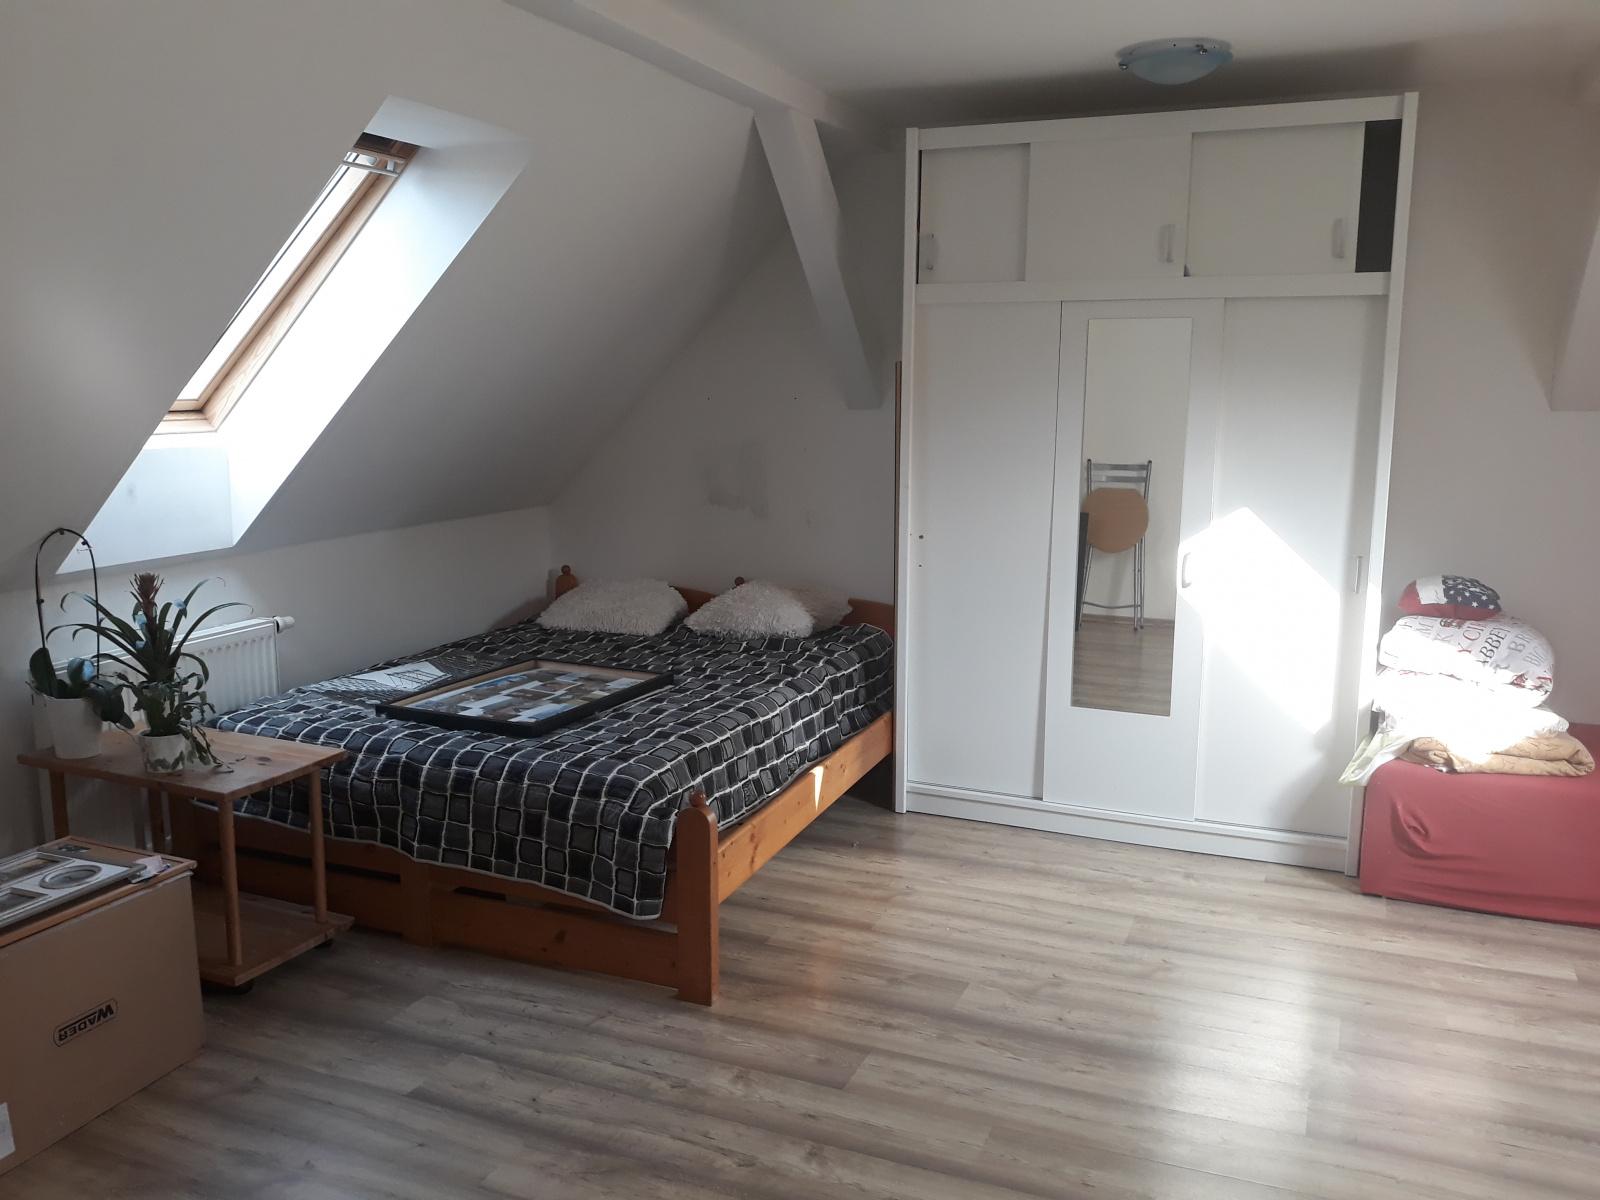 Pronájem, byt 2+kk, Božkovské náměstí, Plzeň